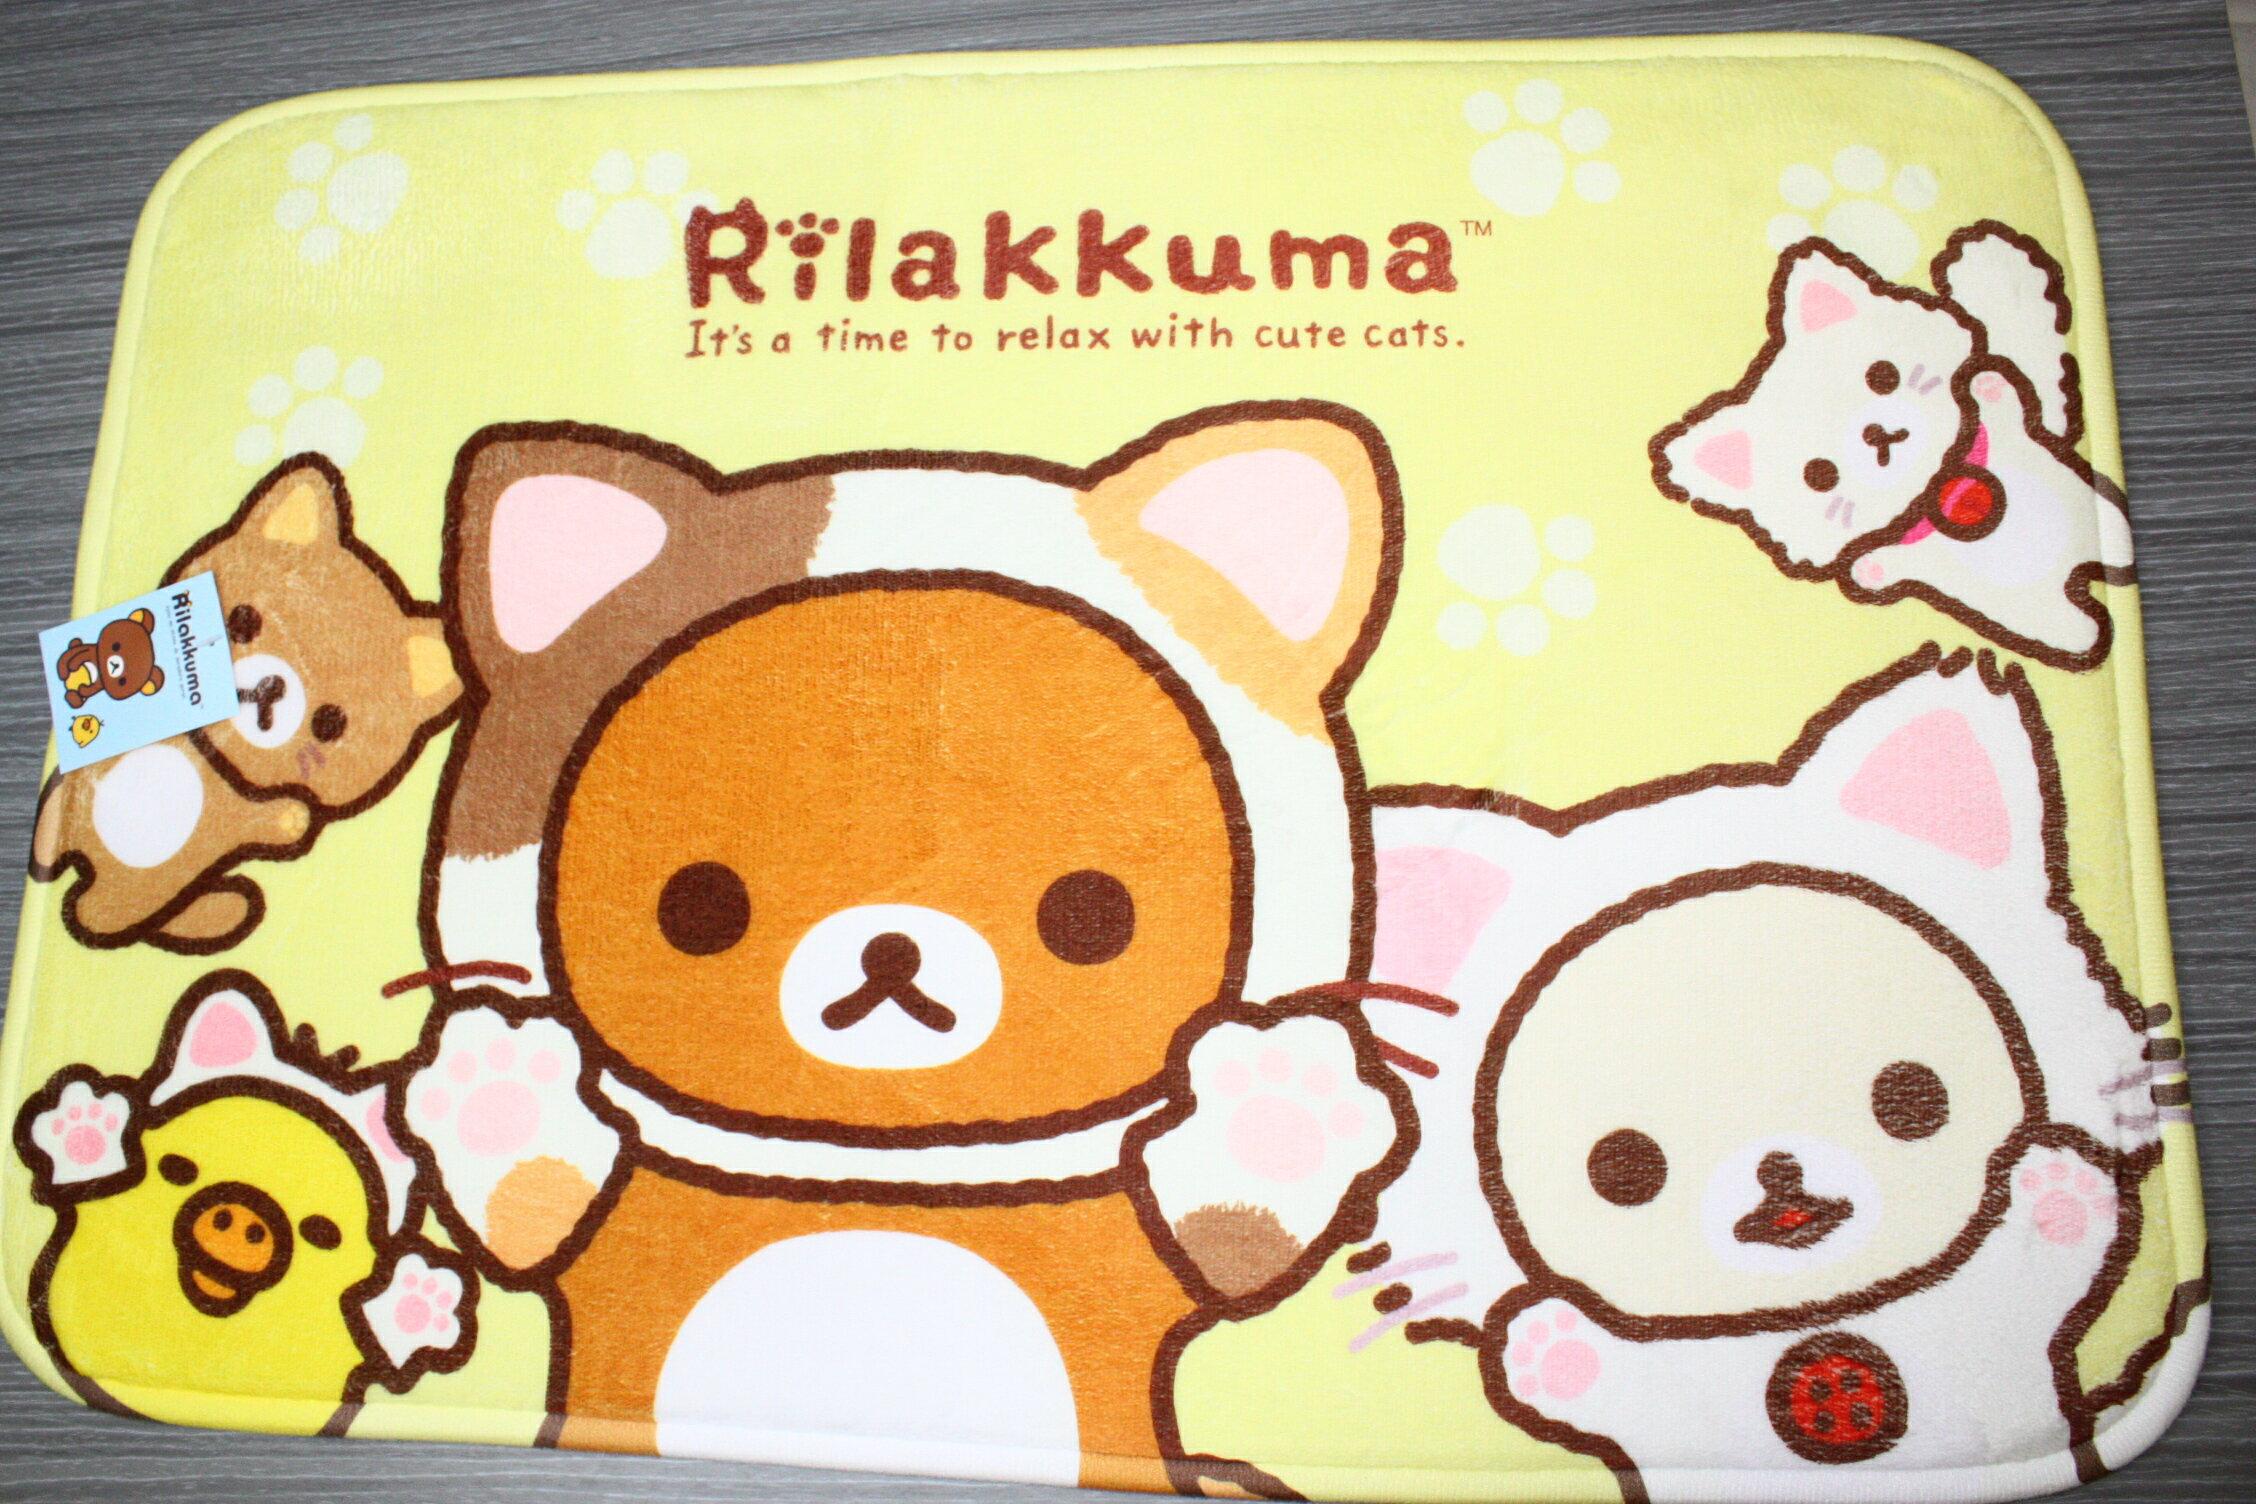 大賀屋 拉拉熊 地墊 貓咪 防滑 地毯 墊子 止滑墊 腳踏墊 懶懶熊 輕鬆熊 san-x 正版 授權 T00120267